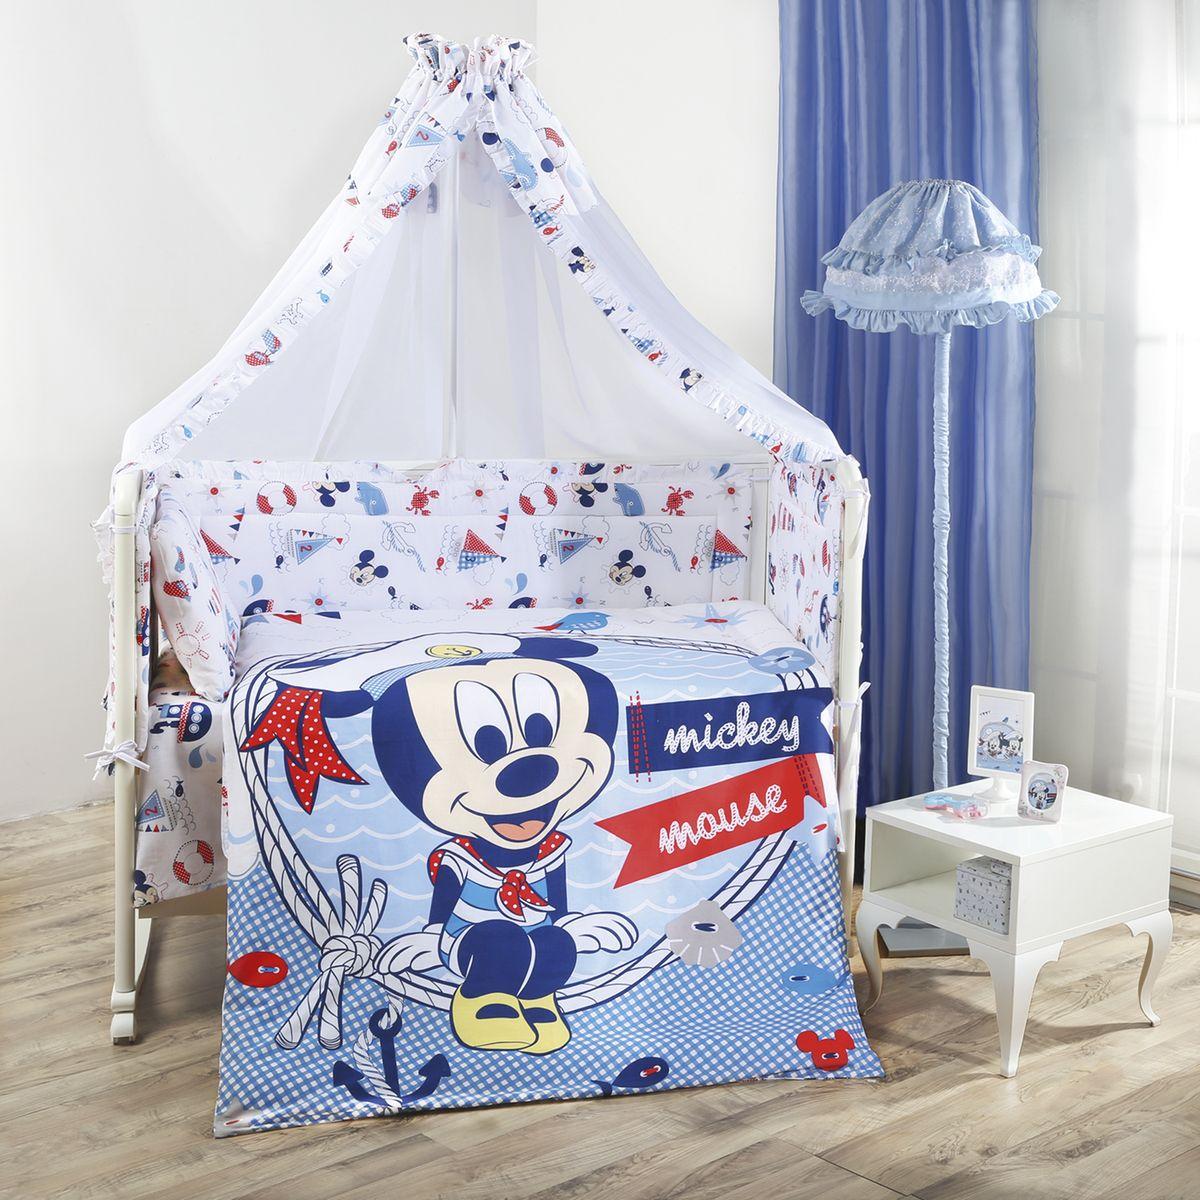 Комплект в кроватку Mona Liza Disney baby Микки морячок, цвет: голубой, 7 предметов521263Комплект в кроватку Mona Liza Disney baby Микки морячок прекрасно подойдет для кроватки вашего малыша, добавит комнате уюта и согреет в прохладные дни. В качестве материала верха использован натуральный хлопок, мягкая ткань не раздражает чувствительную и нежную кожу ребенка и хорошо вентилируется. Бортик, подушка и одеяло наполнены 100% полиэфиром. Балдахин выполнен из 100% полиэфира с отделкой 100% хлопка. Комплект состоит из: бортиков 40 см х 60 см - 2 шт, 40 см х 120 см - 2 шт, балдахина 150 см х 300 см, плоской подушки 40 см х 60 см, зимнего одеяла 105 см х 140 см, пододеяльника 110 см х 145 см, наволочки 40 см х 60 см, простыни 100 см х 145 см. Элементы комплекта выполнены из 100% хлопка и оформлены аппликацией в виде малыша Микки Мауса. Очень важно, чтобы ваш малыш хорошо спал - это залог его здоровья, а значит вашего спокойствия. Согласно рекомендациям детских врачей, лучше всего приобретать...